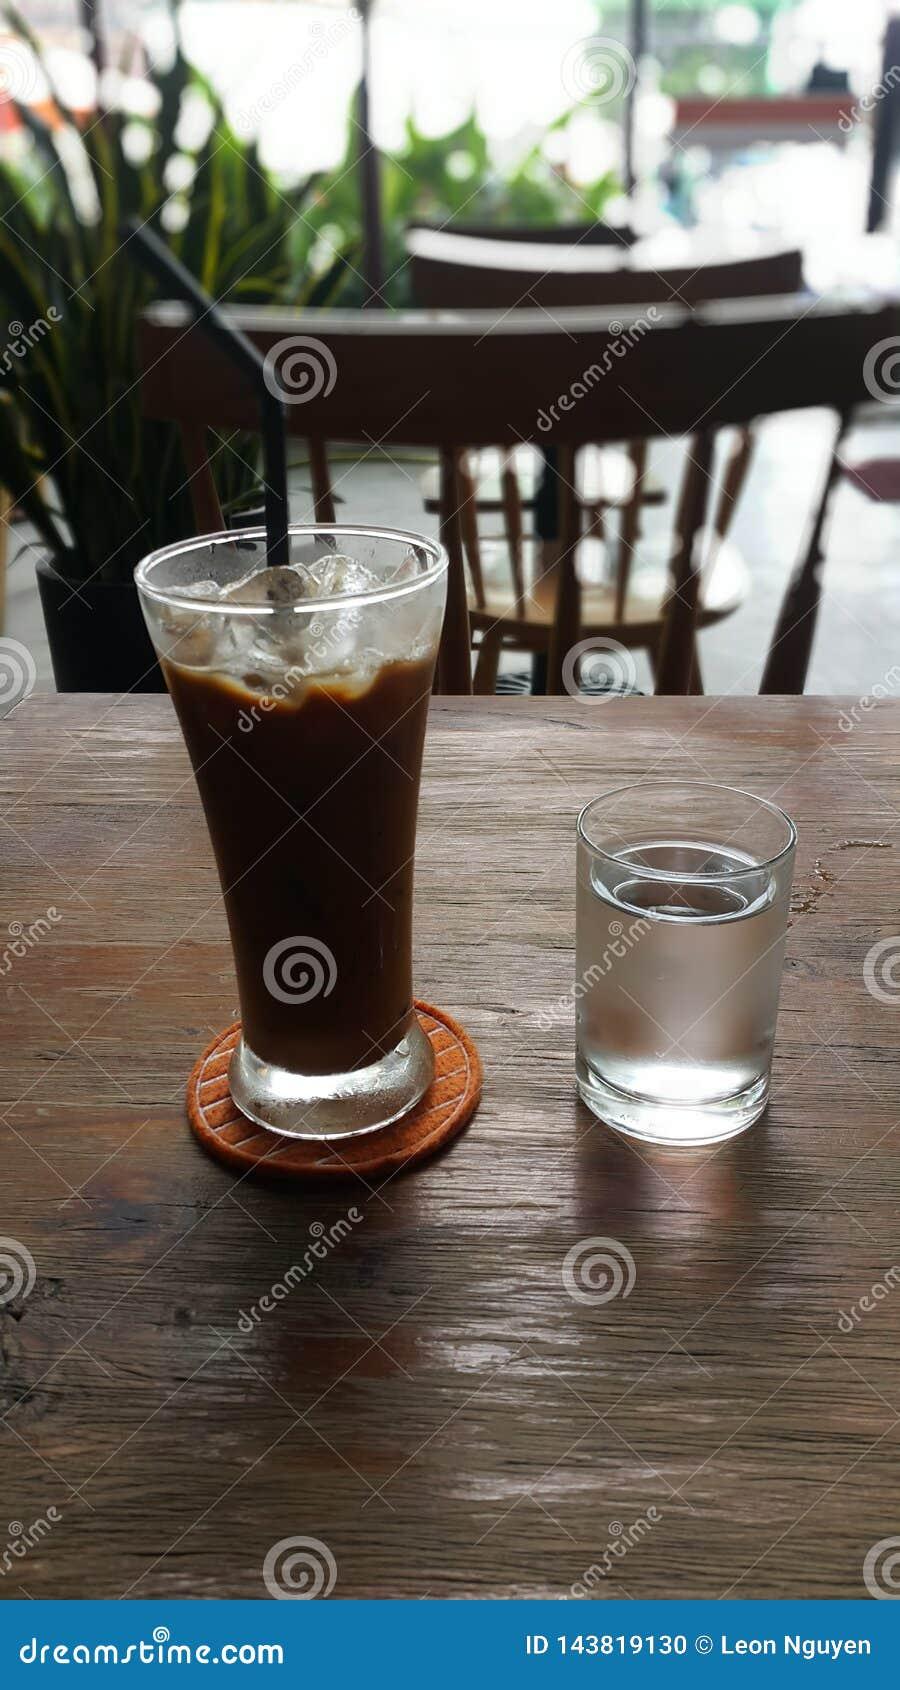 Café congelado com leite em Vietname